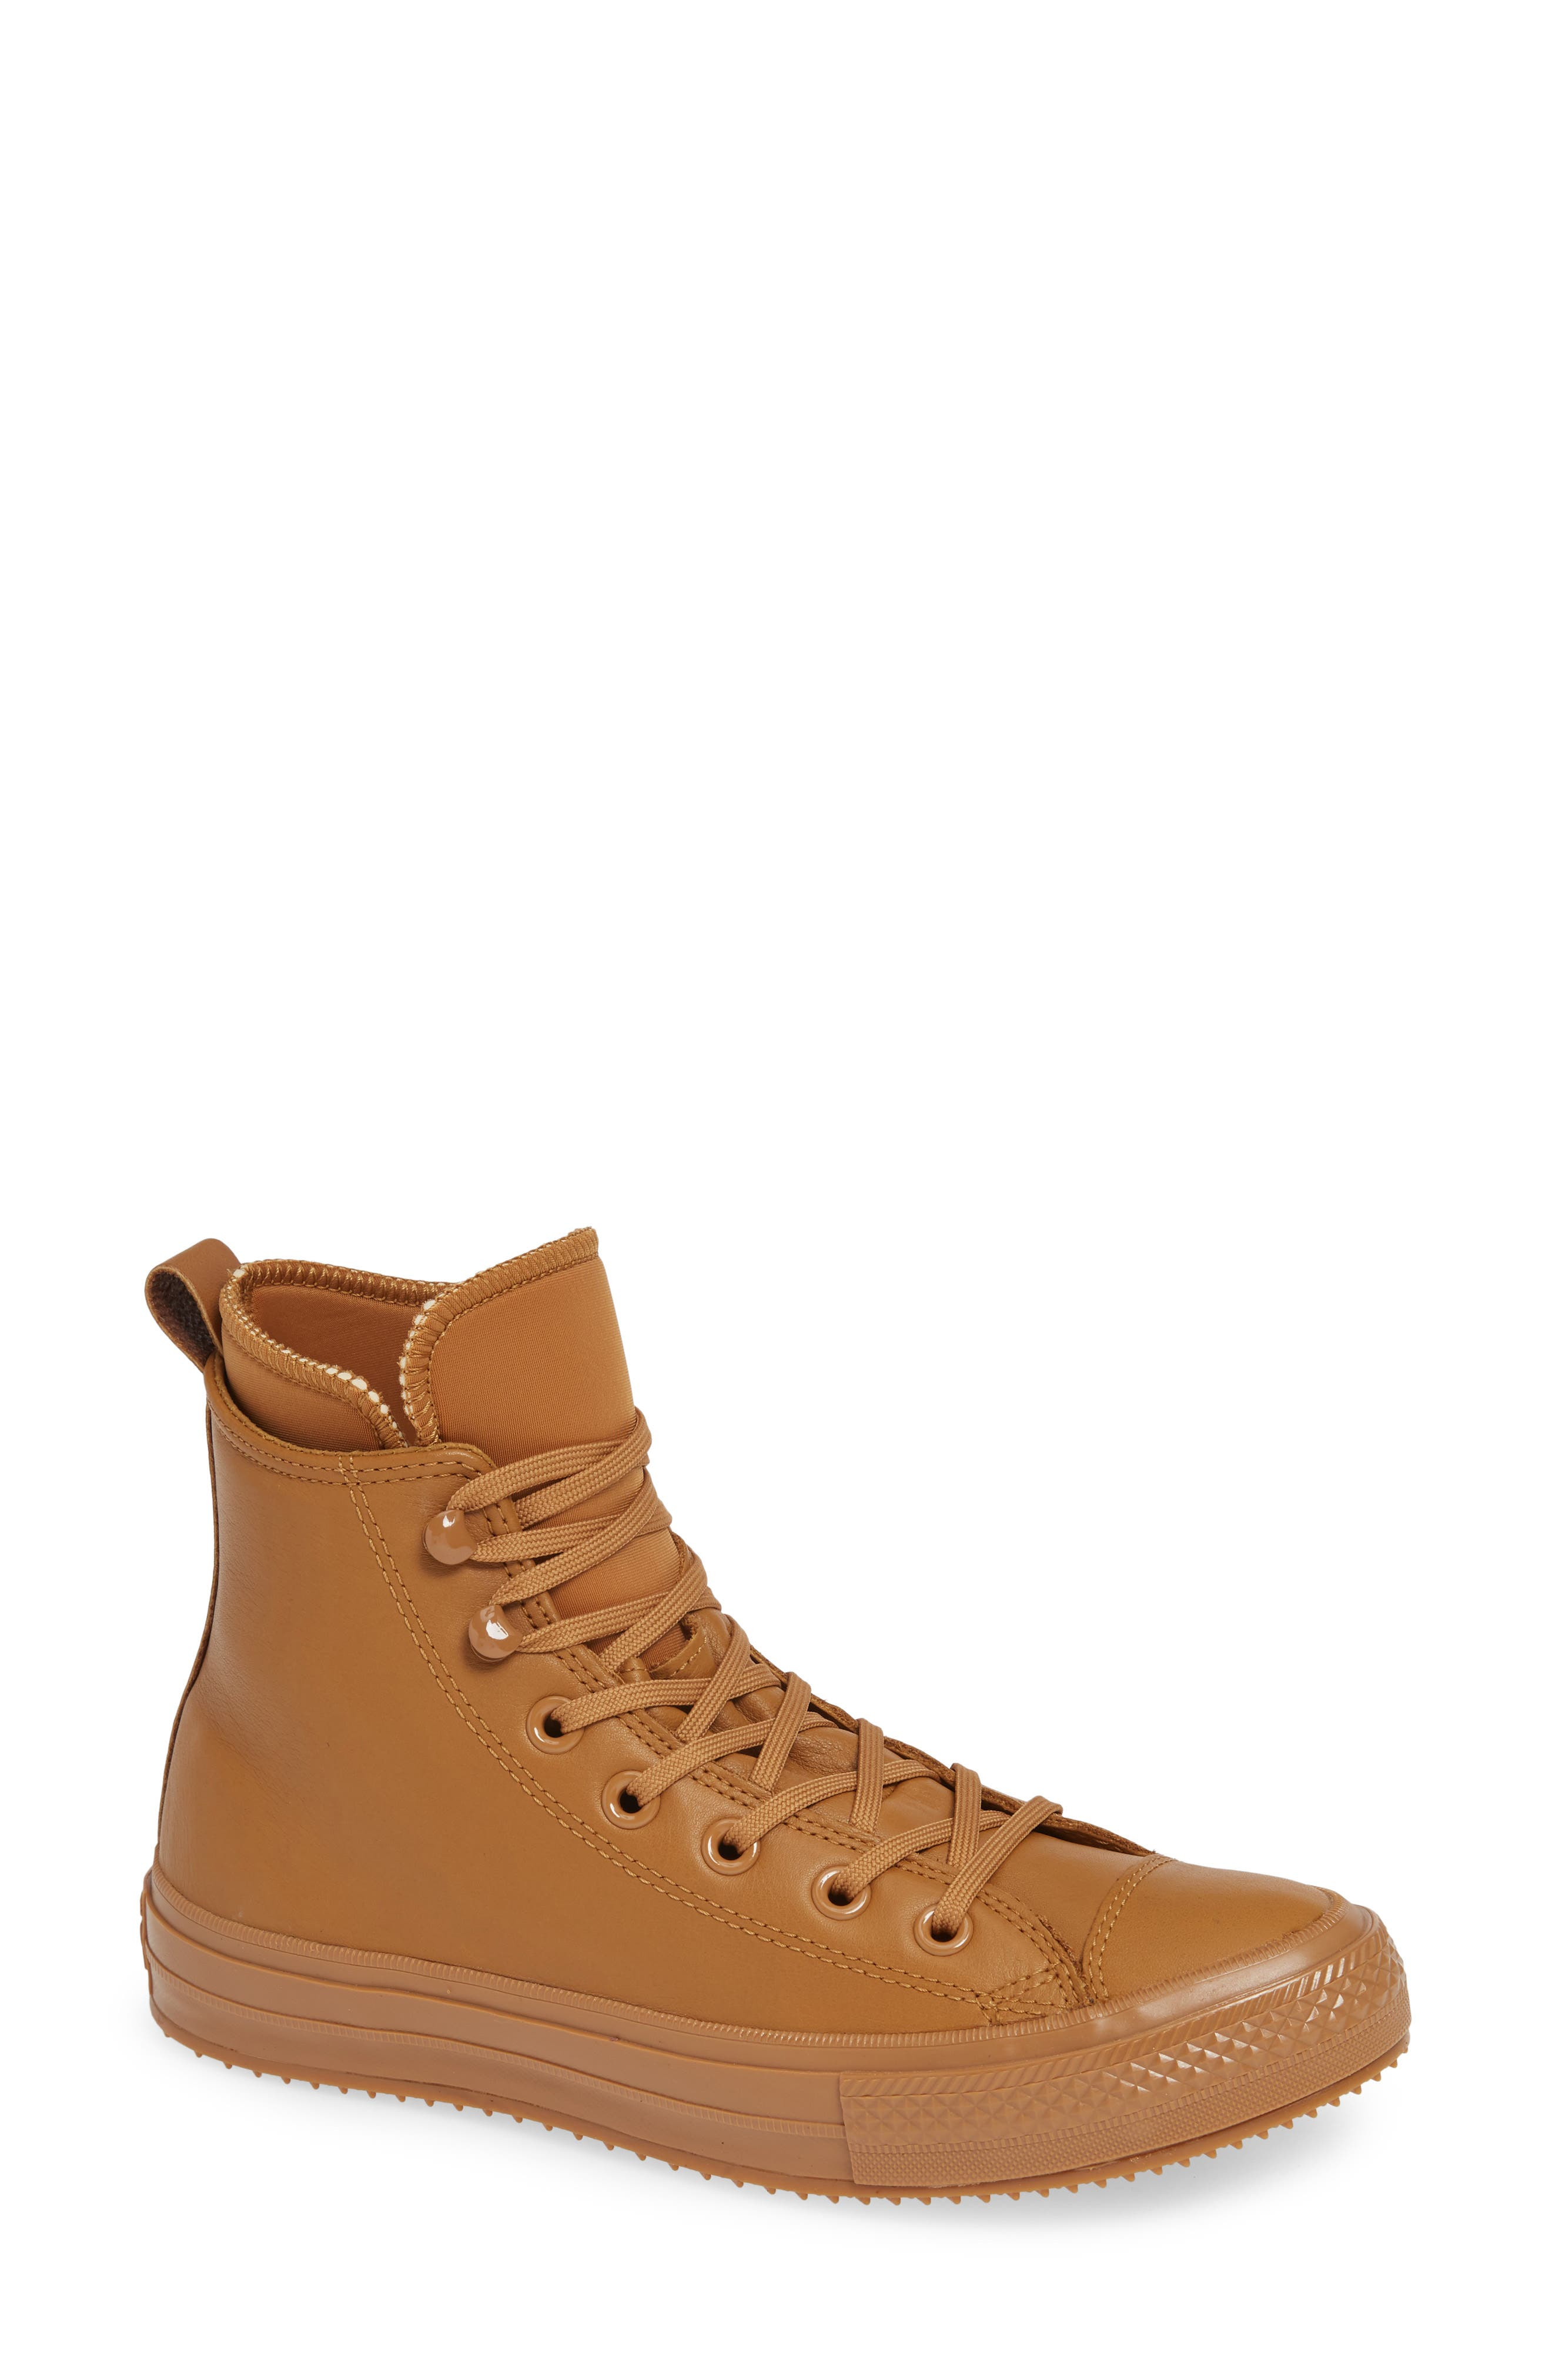 Image of Converse Waterproof Sneaker